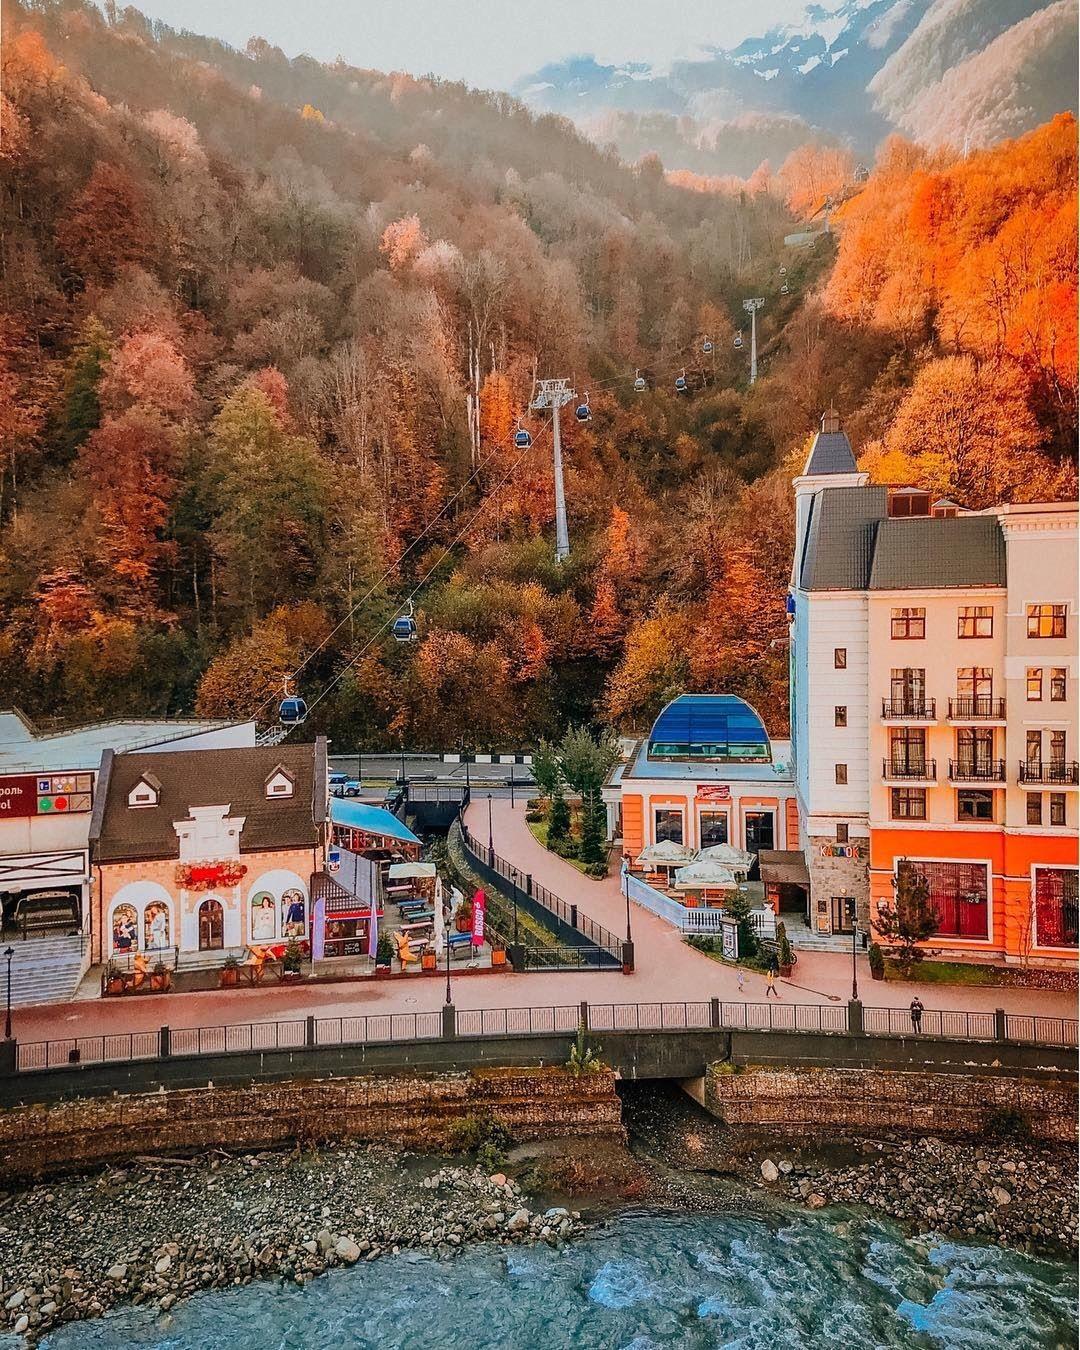 салоне производитель картинки сочи осень увлечение немцев